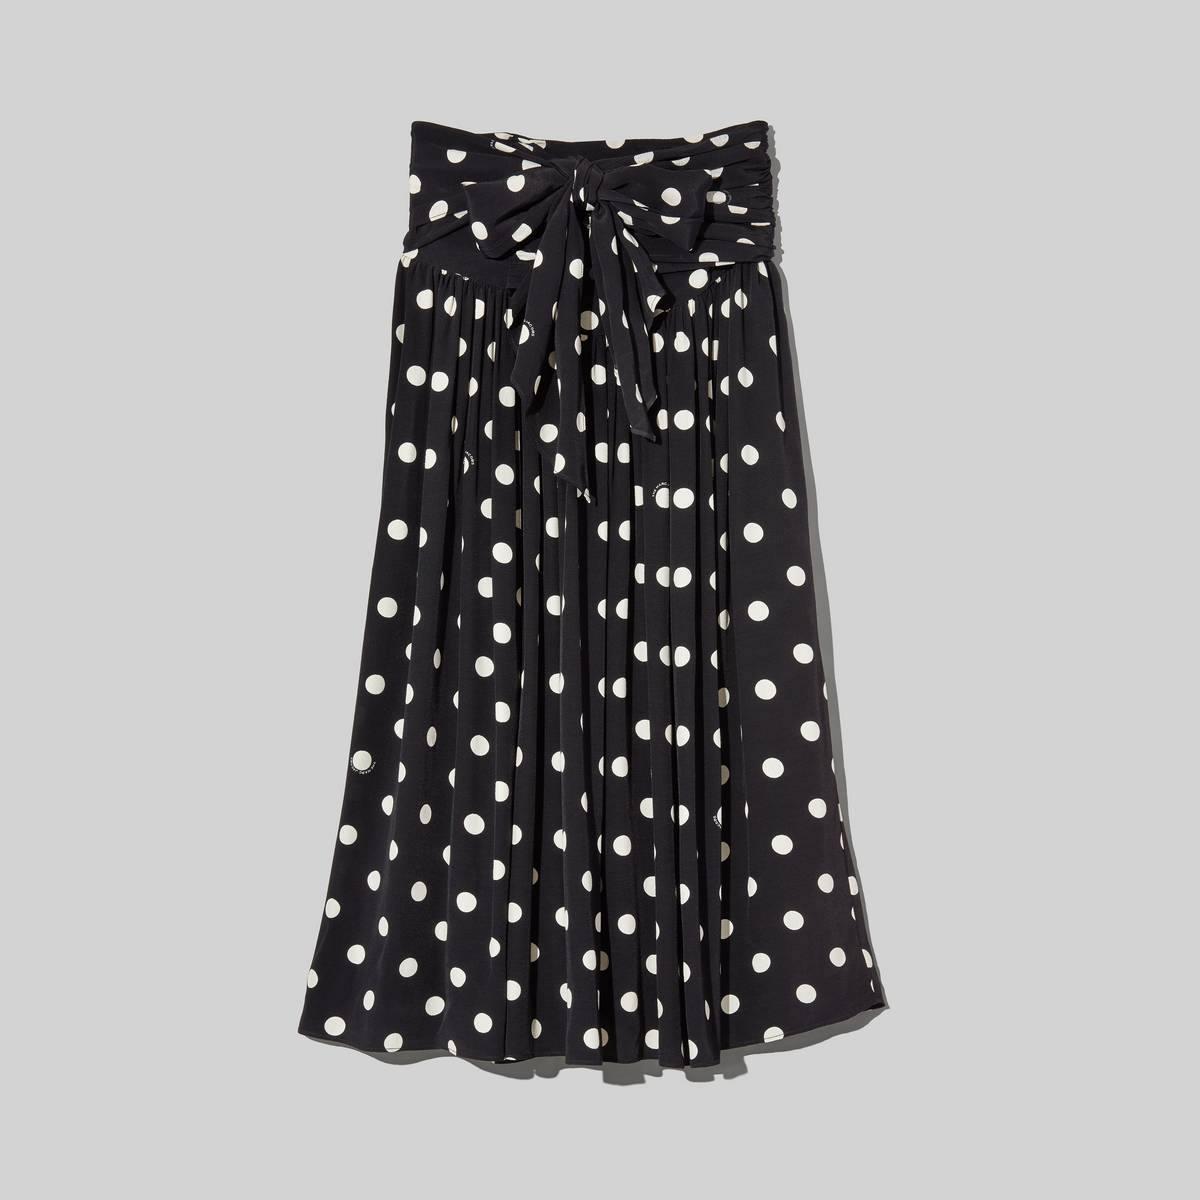 The '80s Skirt in Black/Ivory